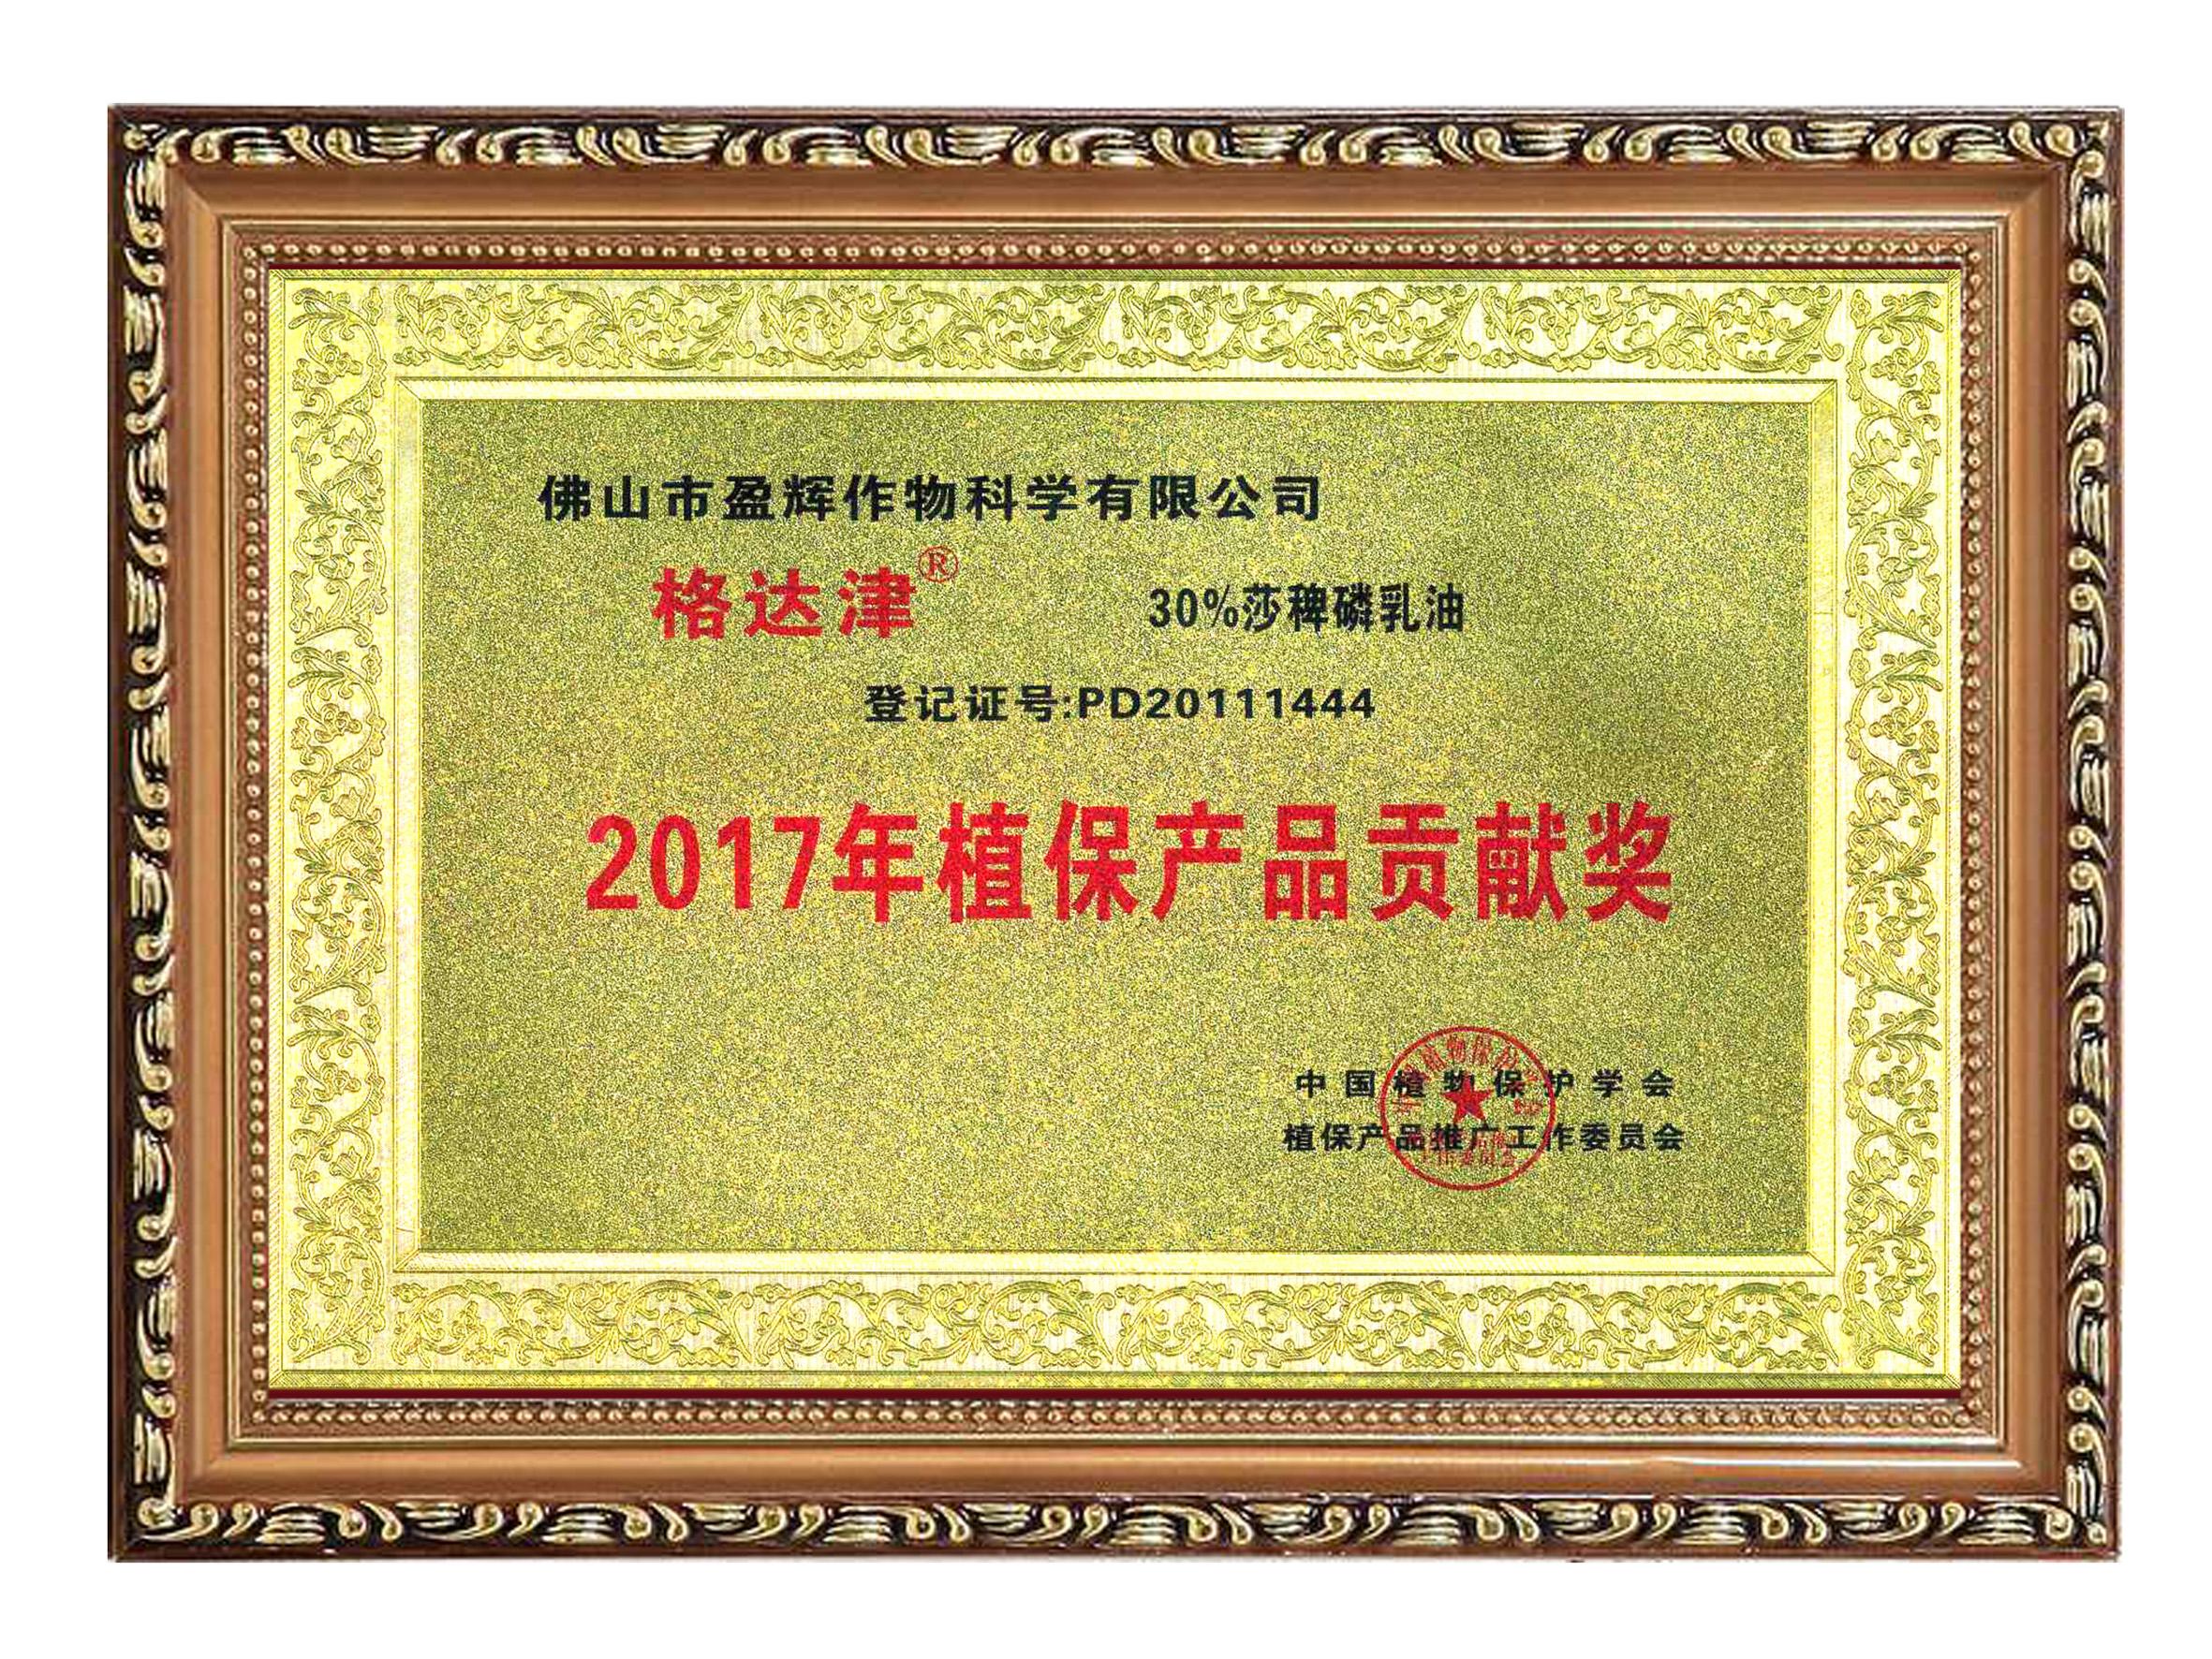 格达津-植保产品贡献奖-2017